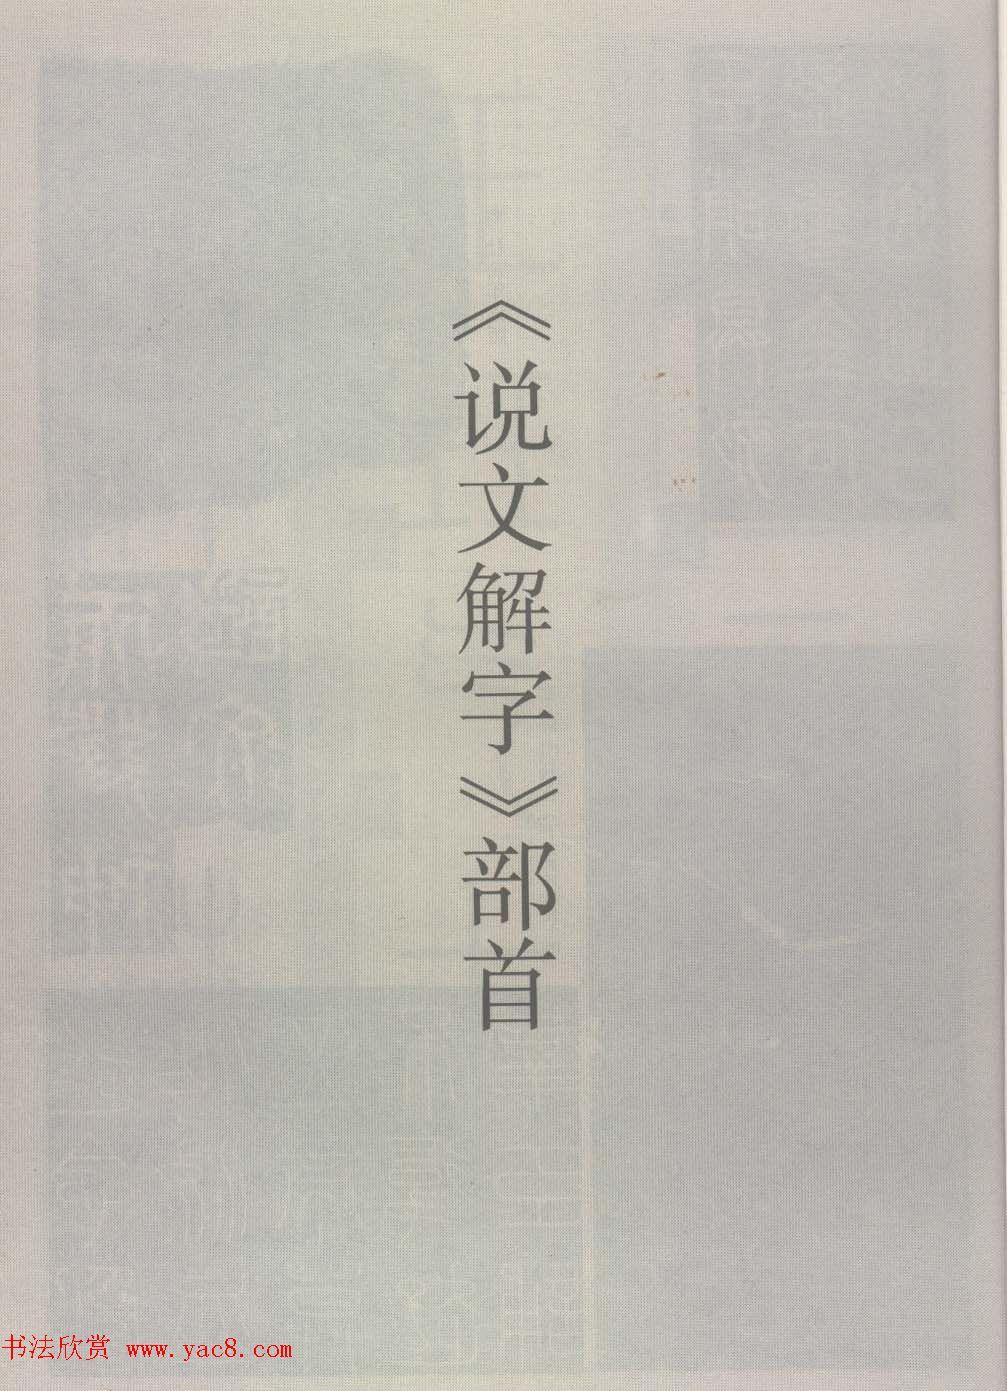 篆经-篆书书写与辨识上篇:部首源流诀